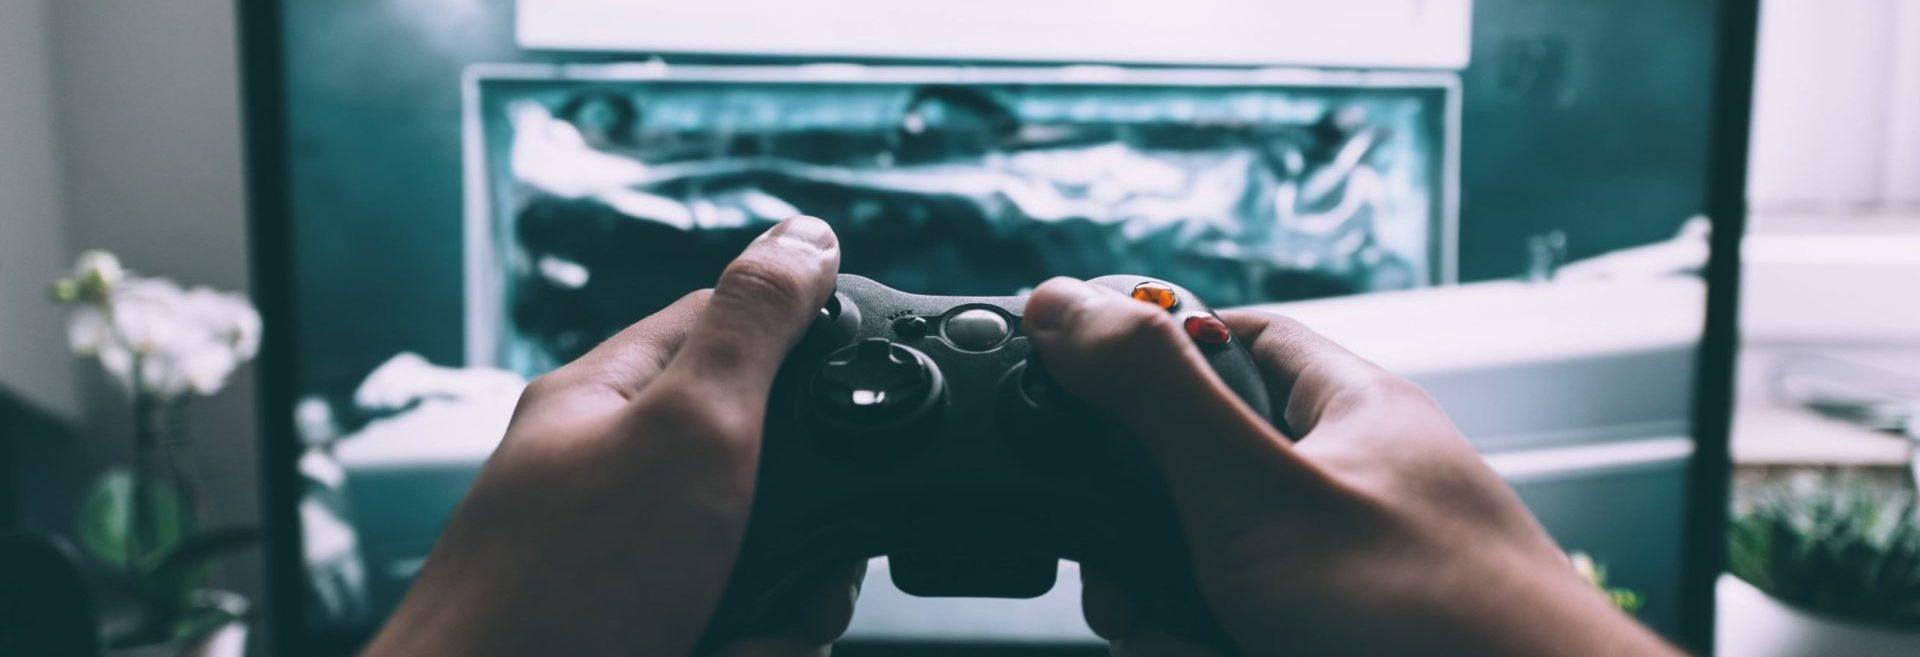 ゲームを上手くなるために必要な事④ ゲームを理解するの見出し画像